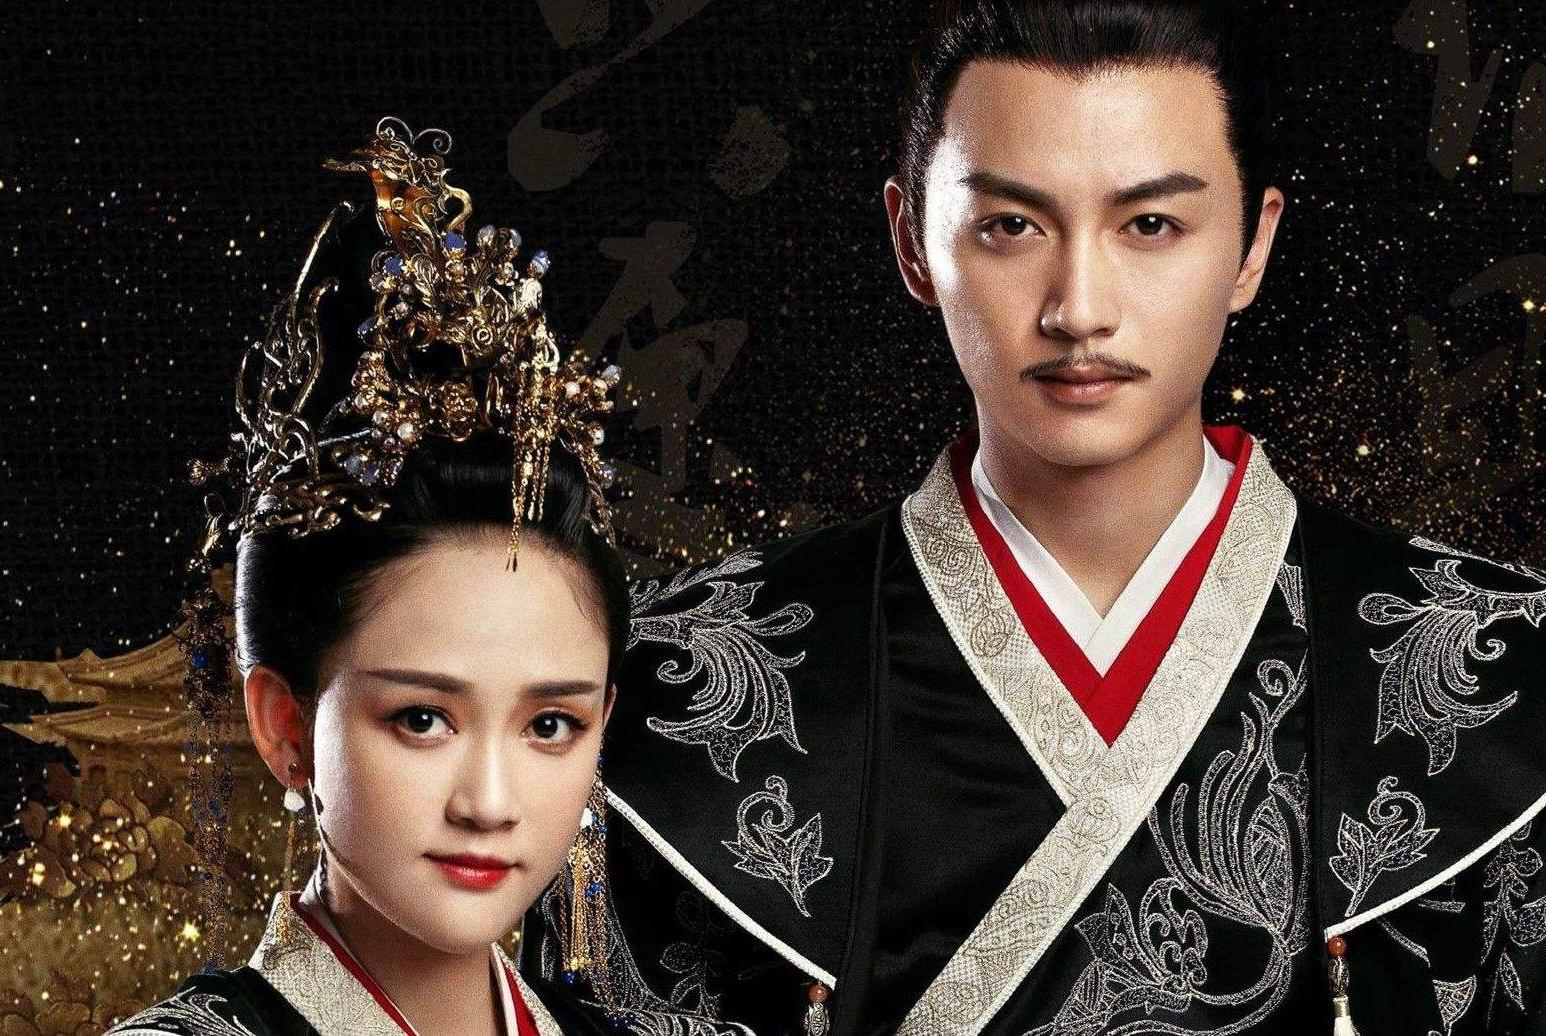 表哥被杀当没看到,弟弟被杀却要救人,这位皇后是贤惠还是自私?